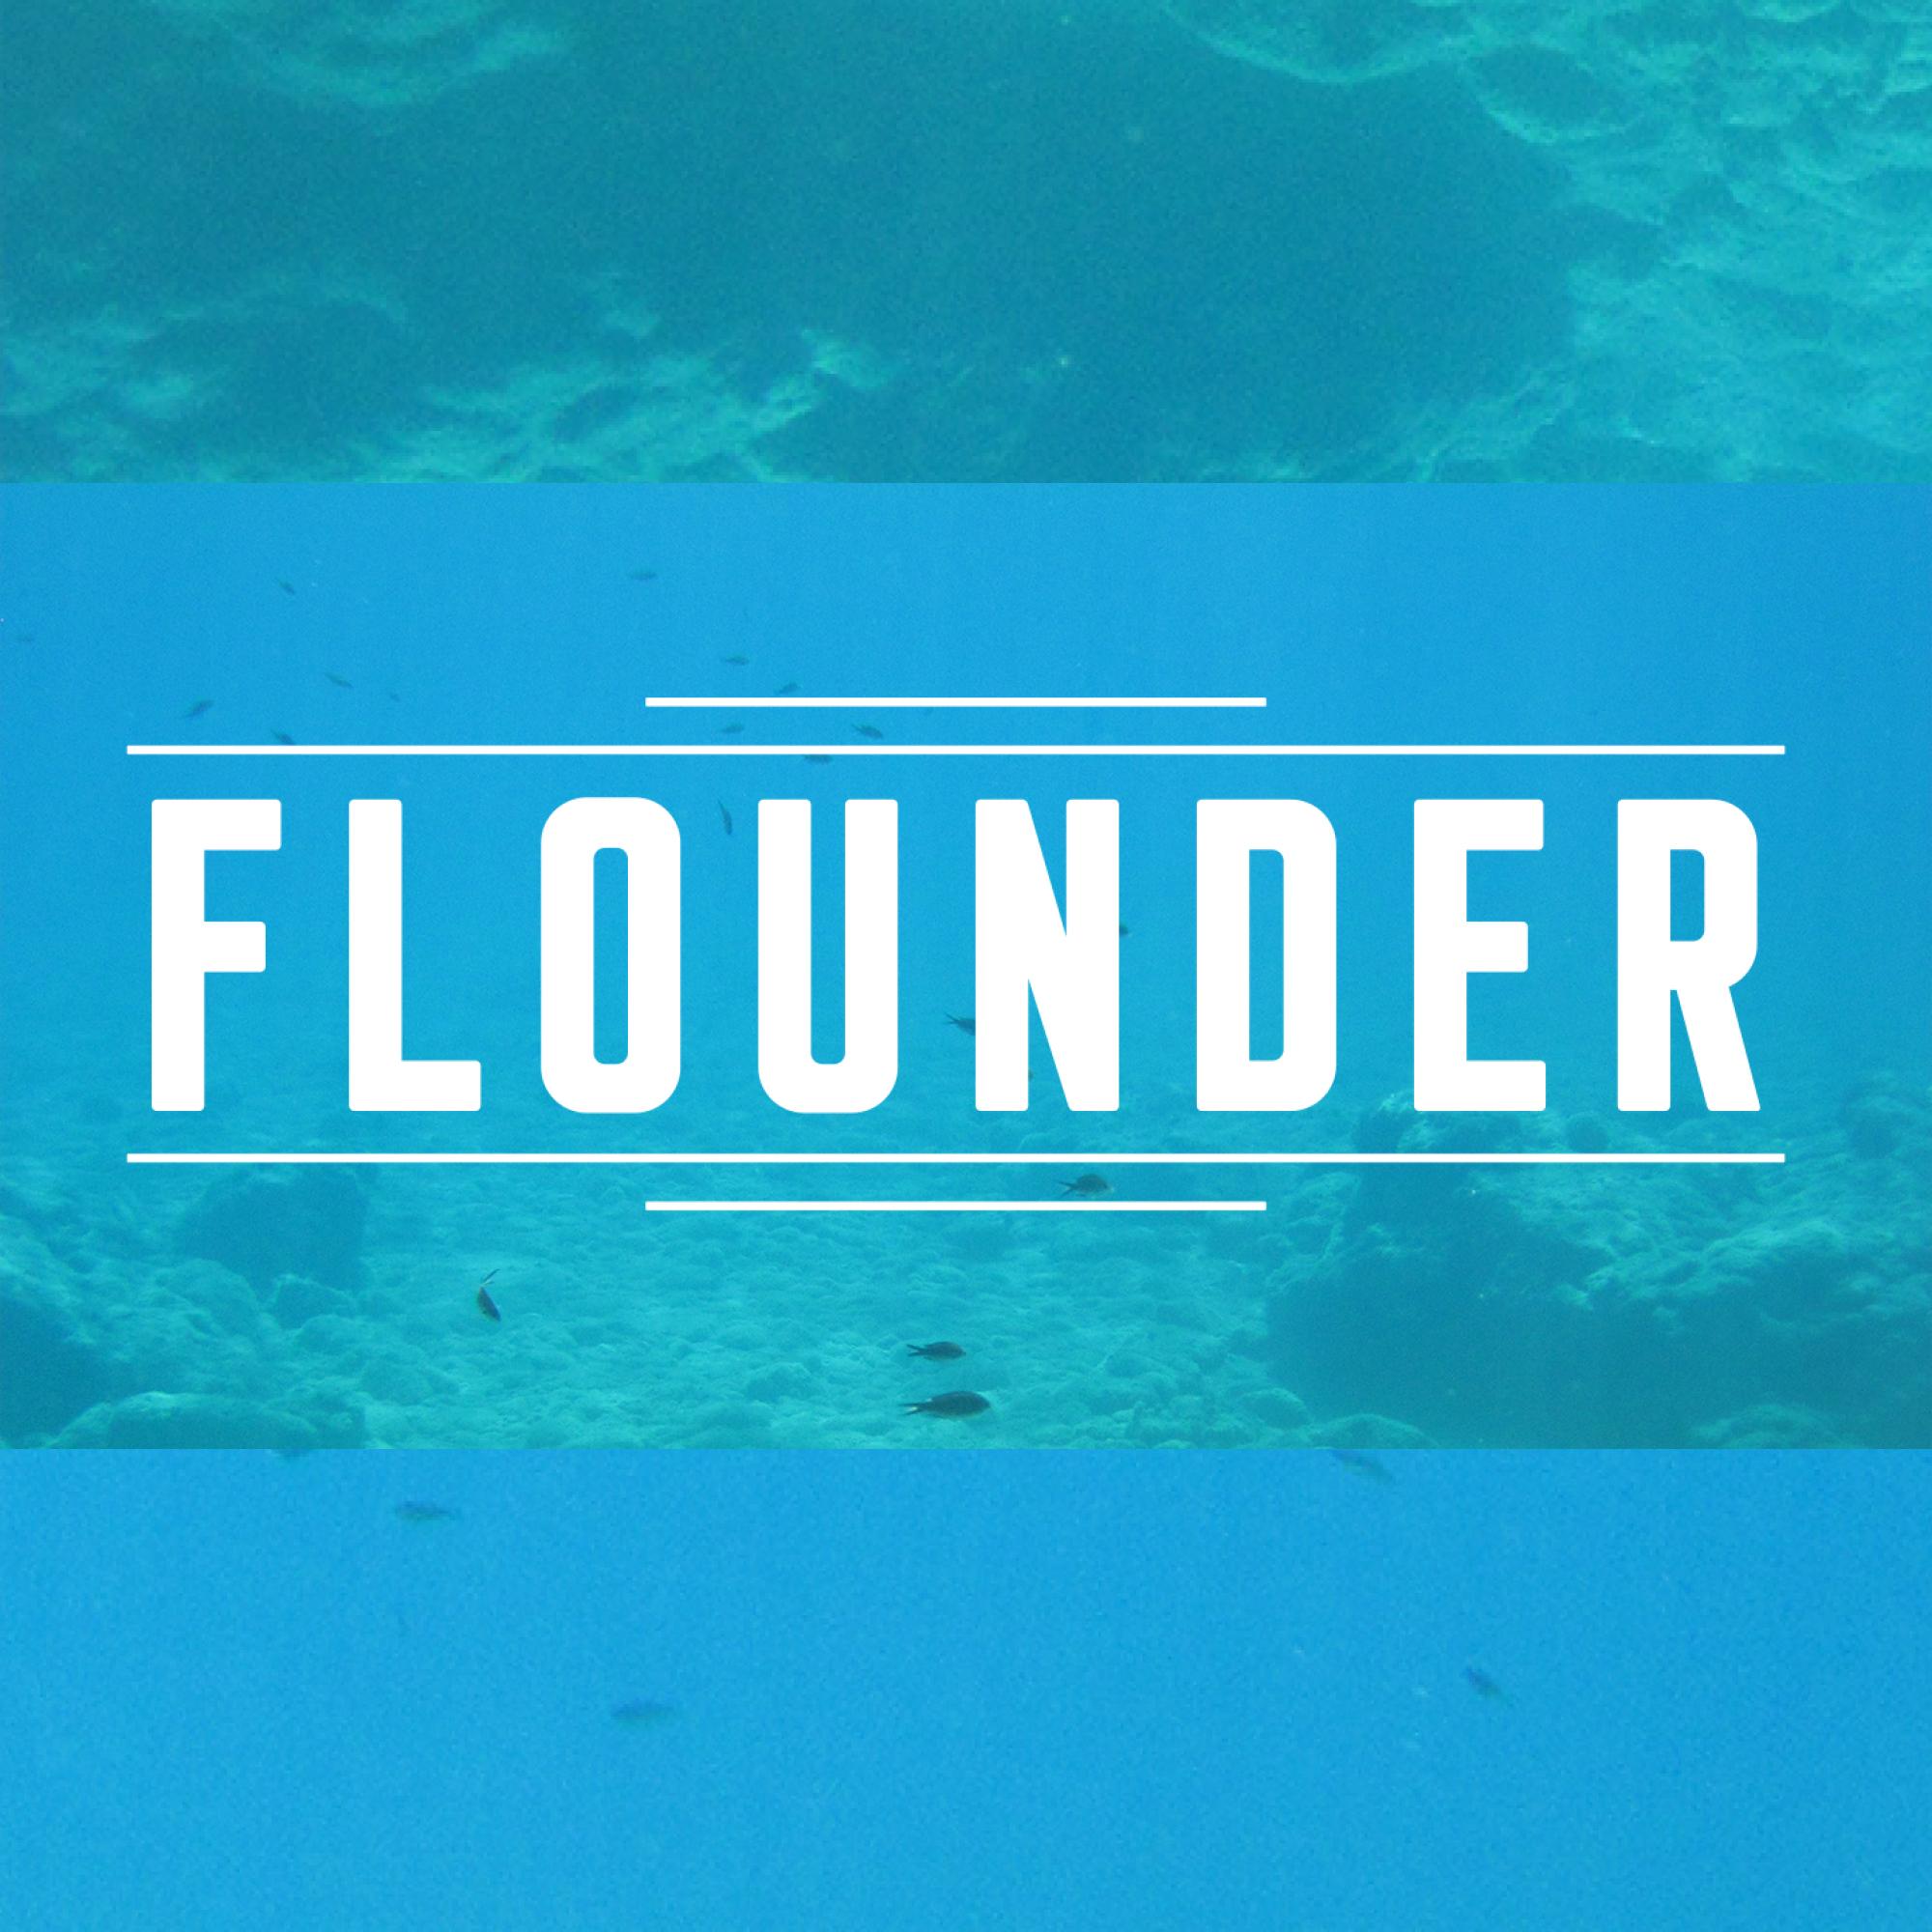 Präsentation der Schrift Flounder: Thumbnail